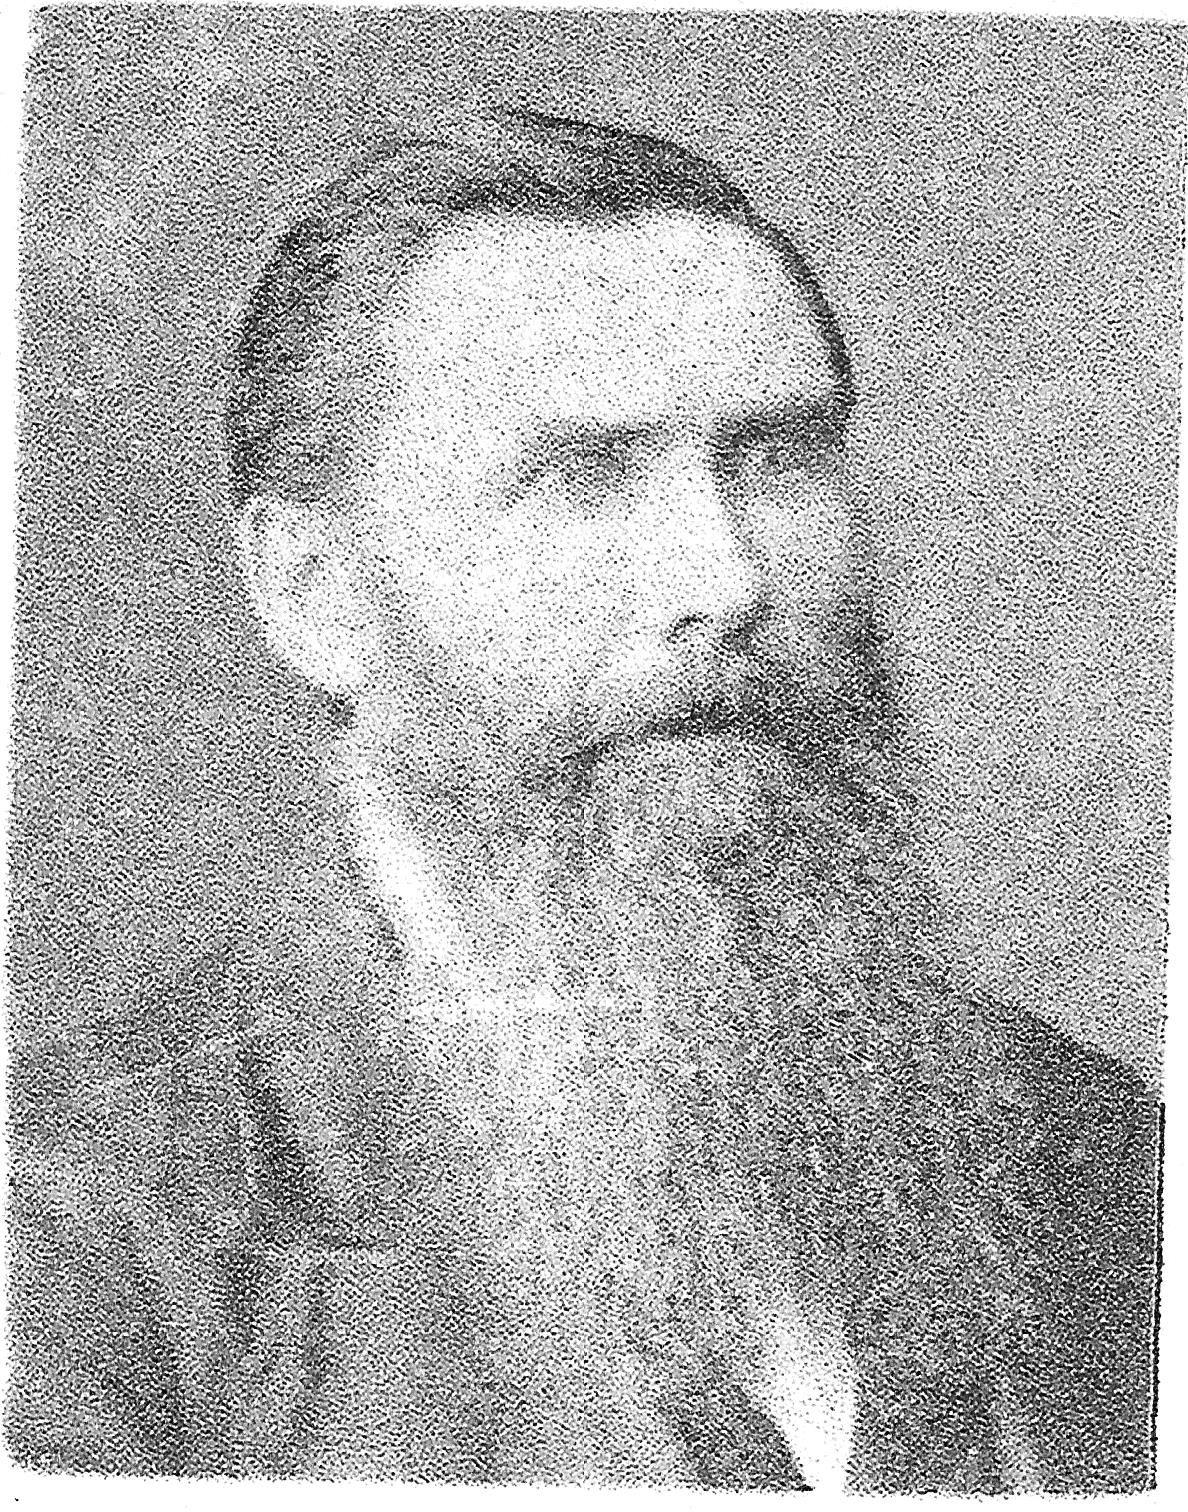 Halverson, Jonas